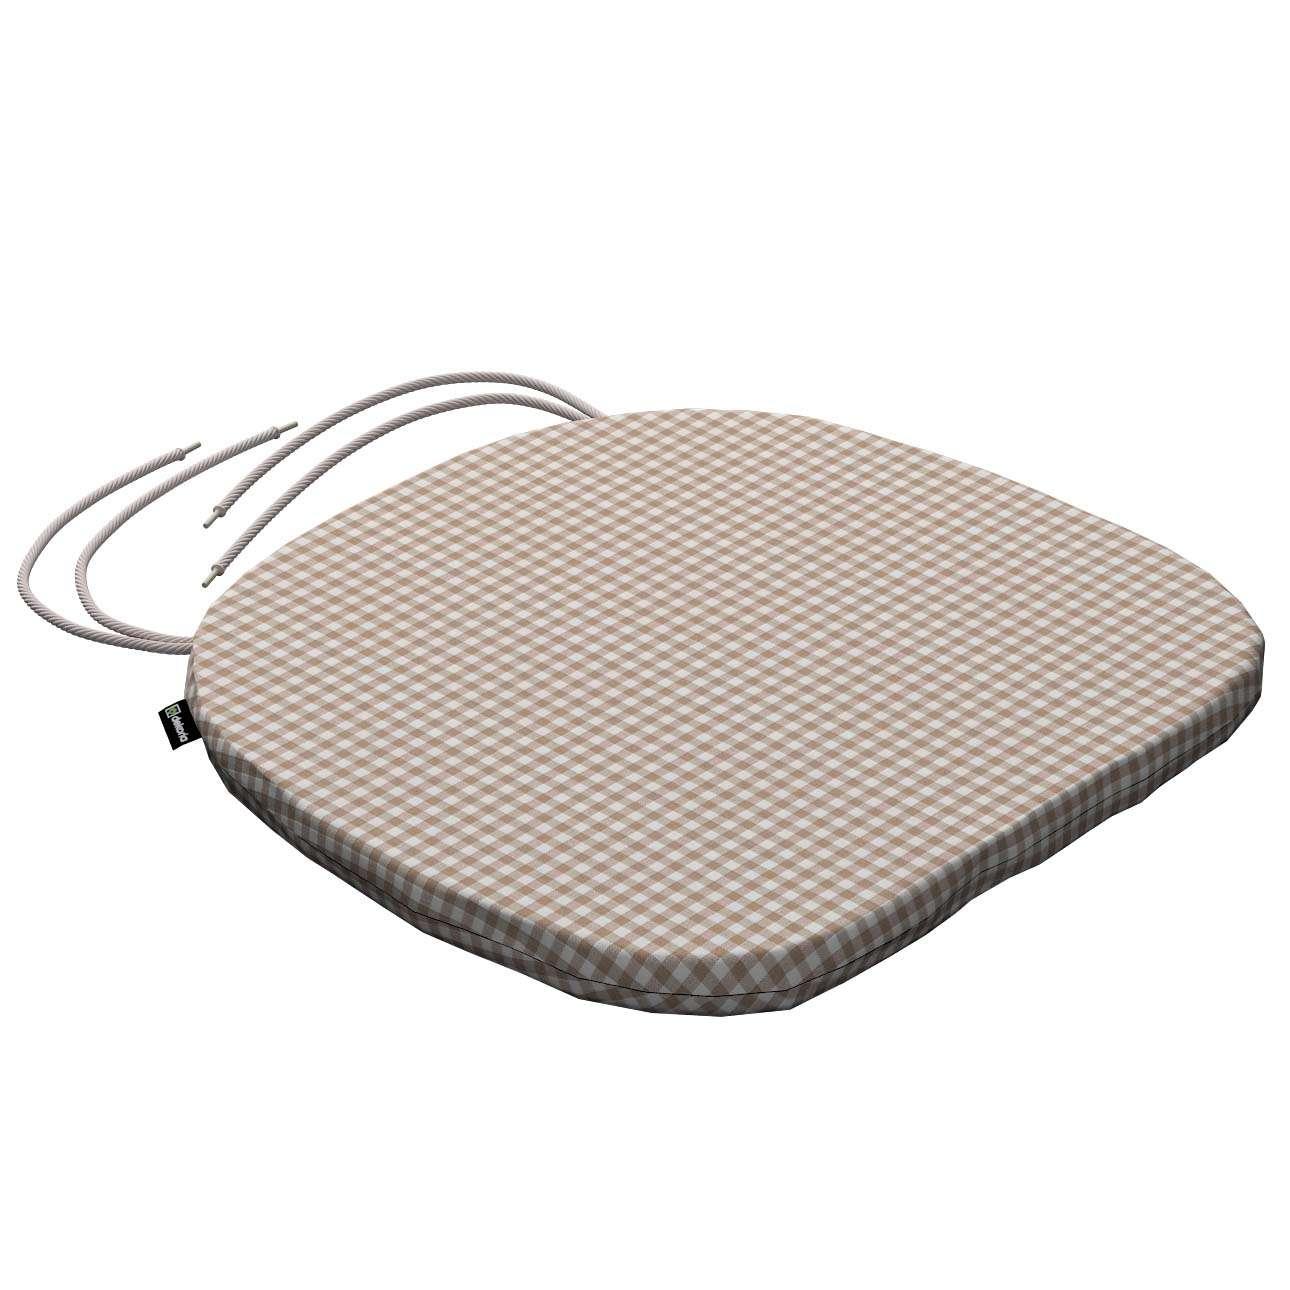 Siedzisko Bartek na krzesło 40x37x2,5cm w kolekcji Quadro, tkanina: 136-05